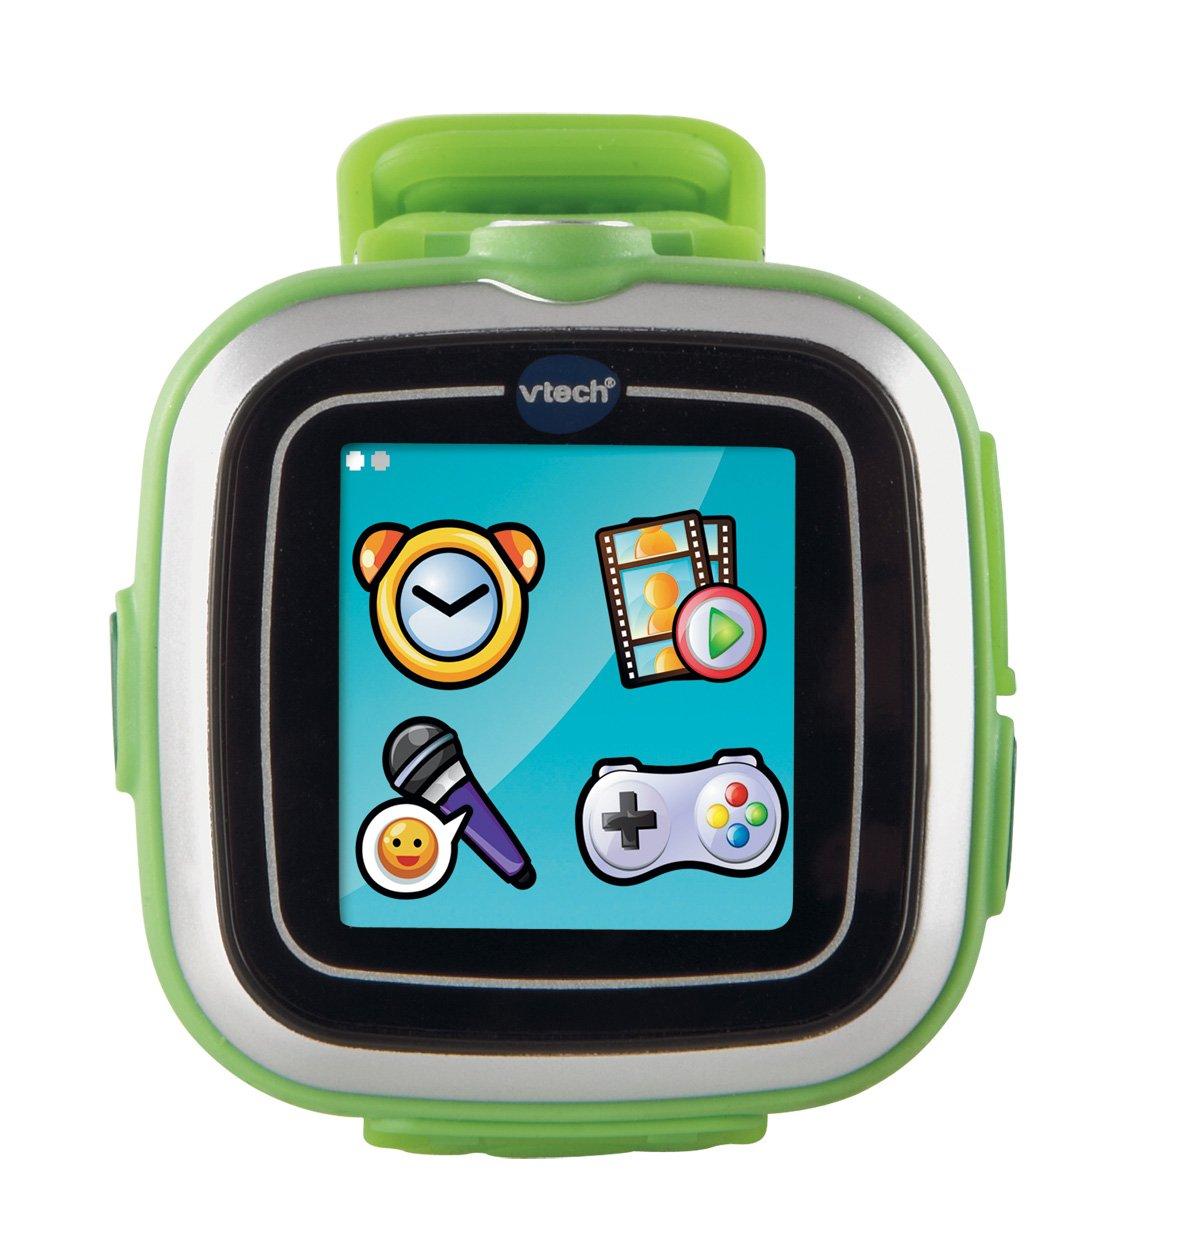 Amazon.es: VTech Kidizoom - SmartWatch infantil (128 MB, pantalla de 1.44